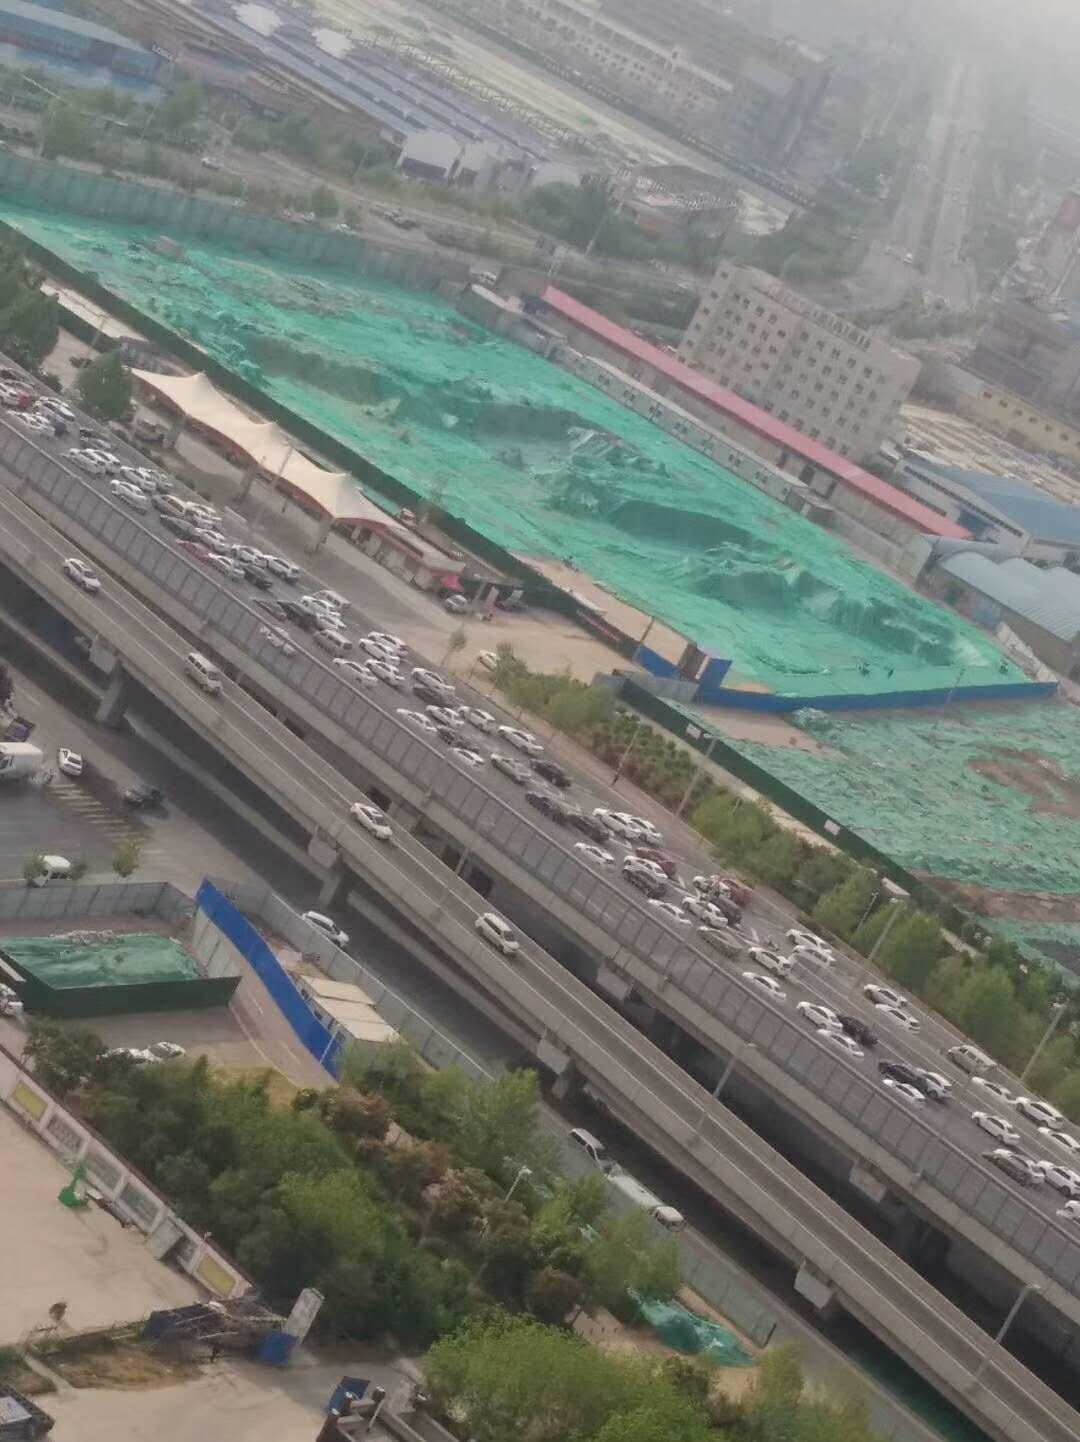 俯瞰郑州工地 发现绿化无纺布了吗?